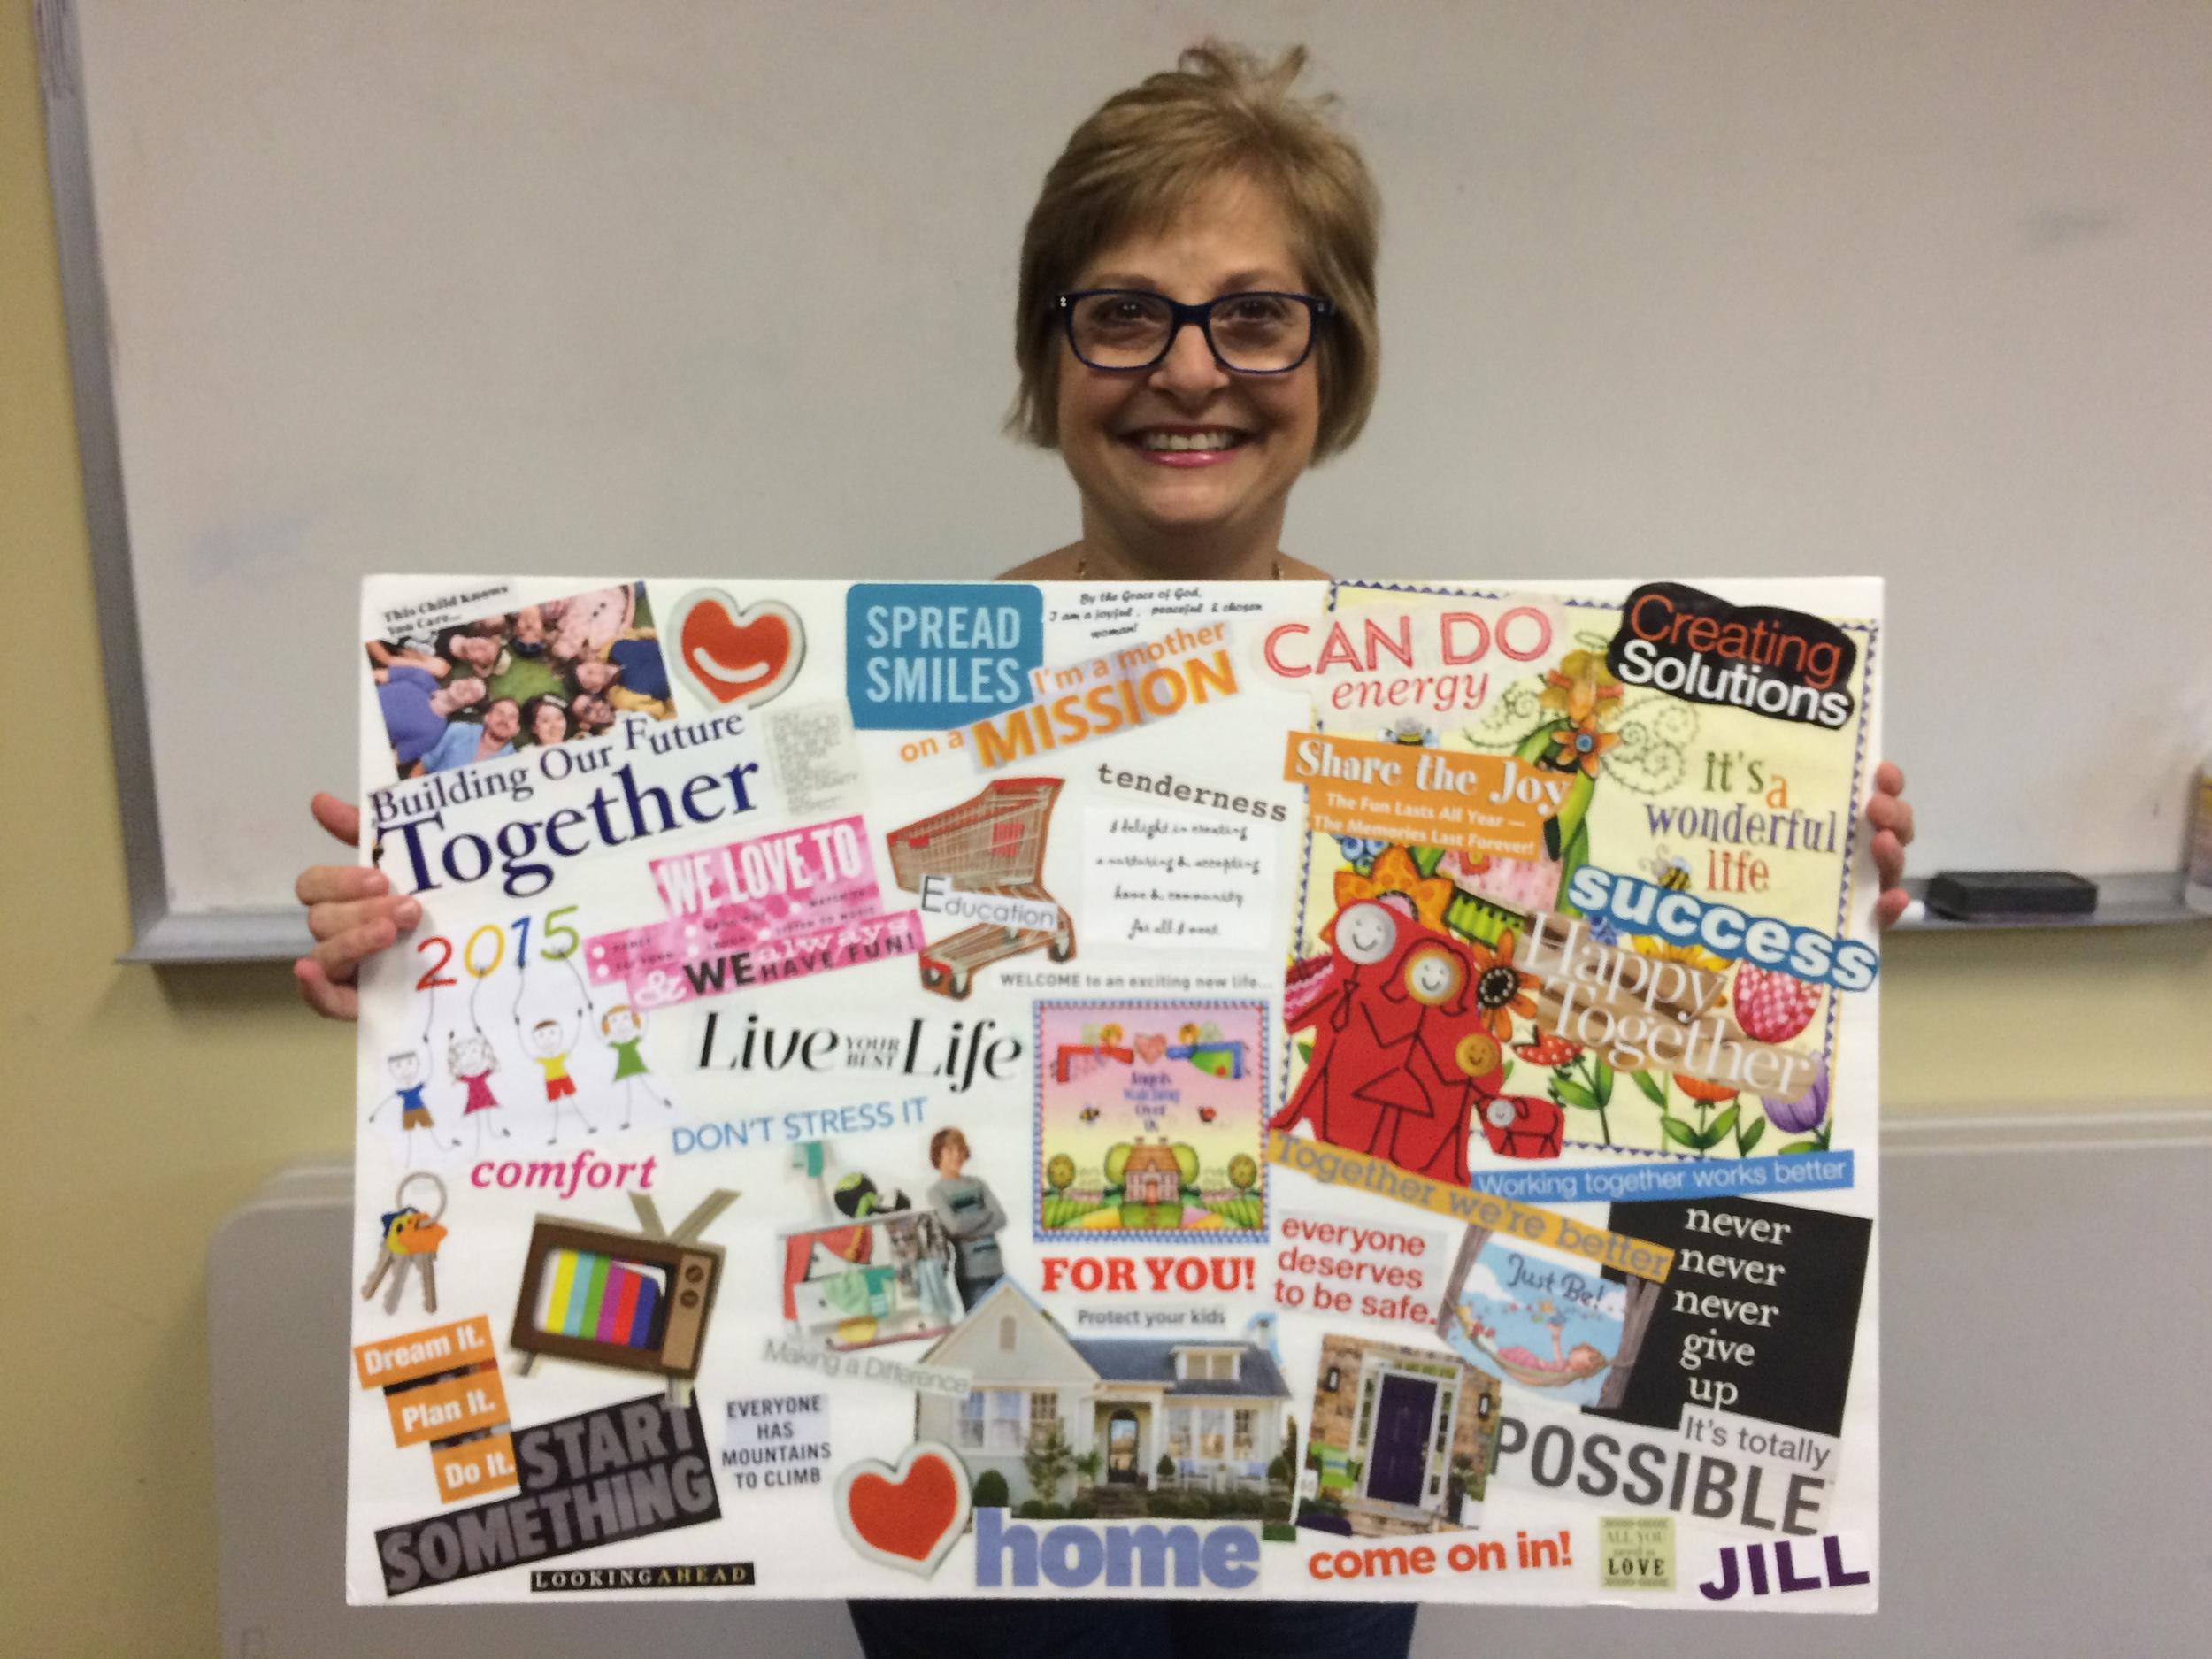 Jill Burt's Vision Board September 2015